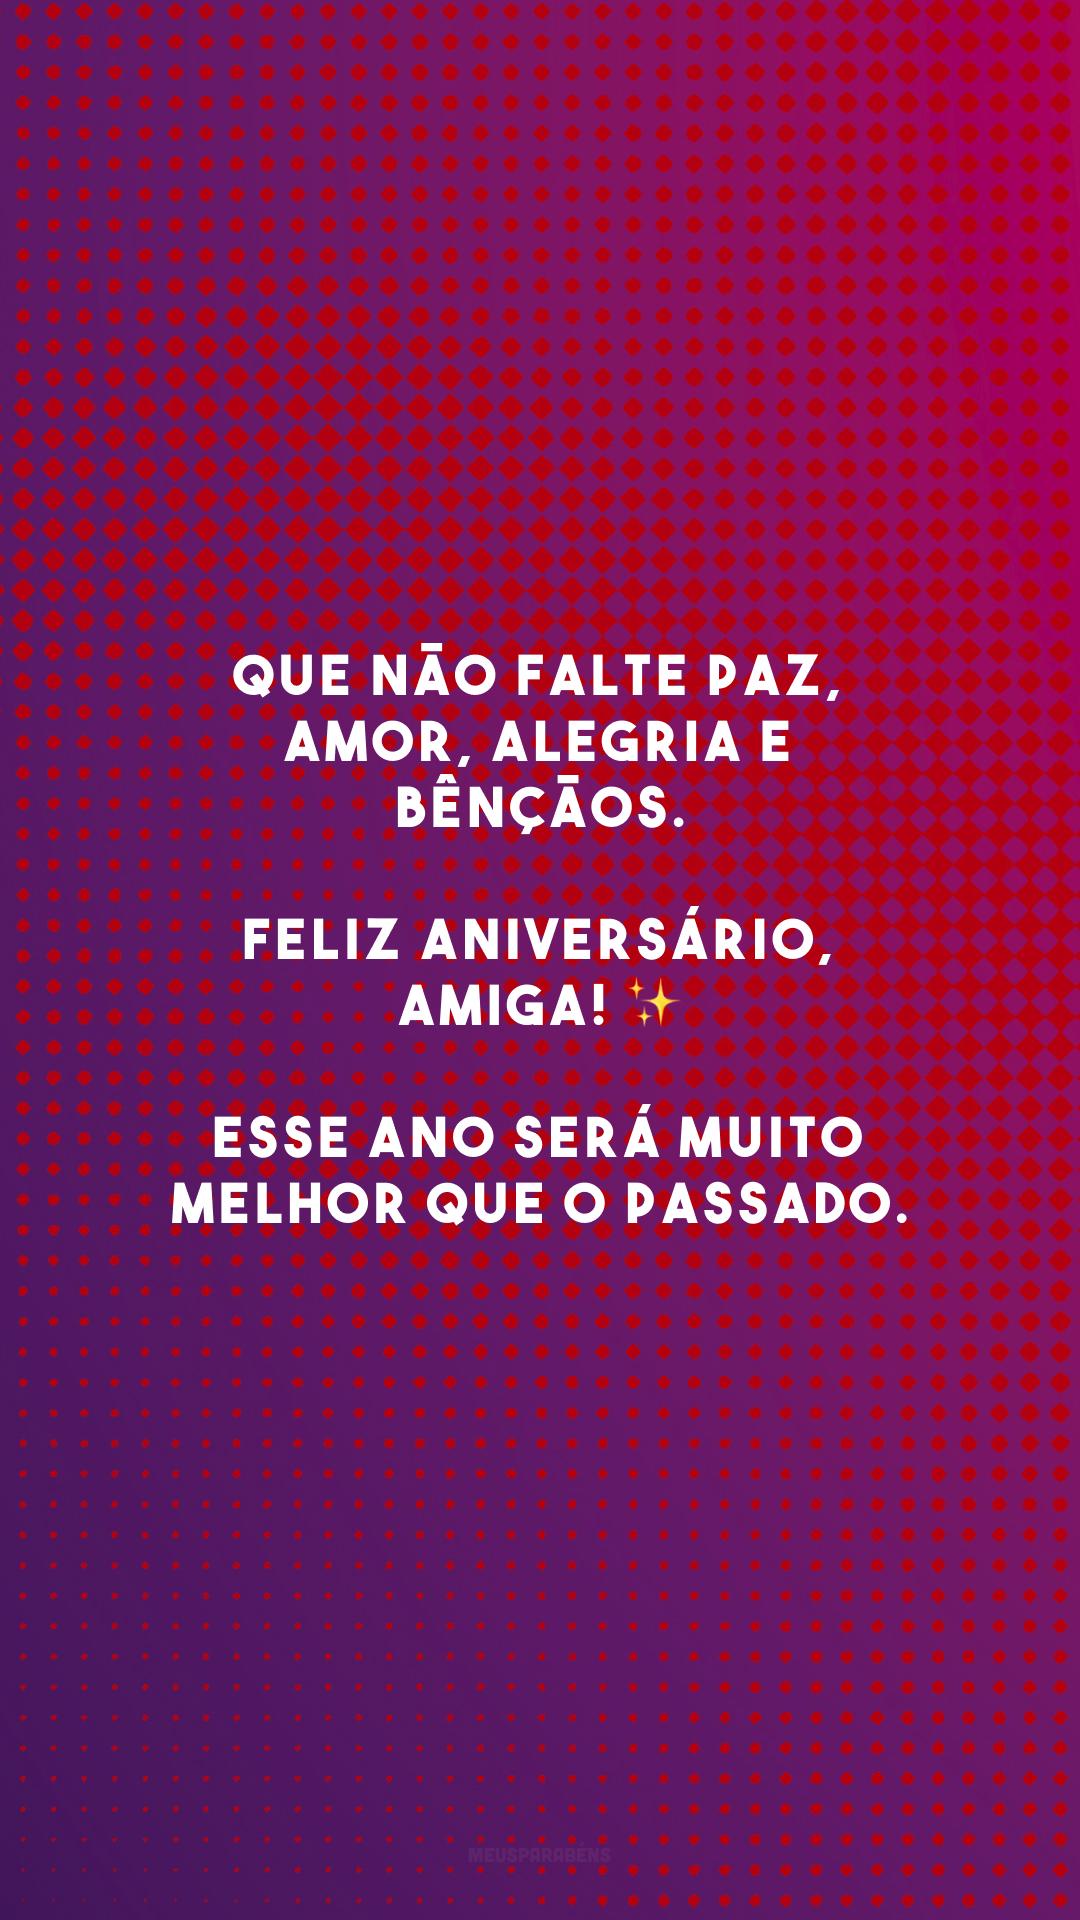 Que não falte paz, amor, alegria e bênçãos. Feliz aniversário, amiga! ✨ Esse ano será muito melhor que o passado.